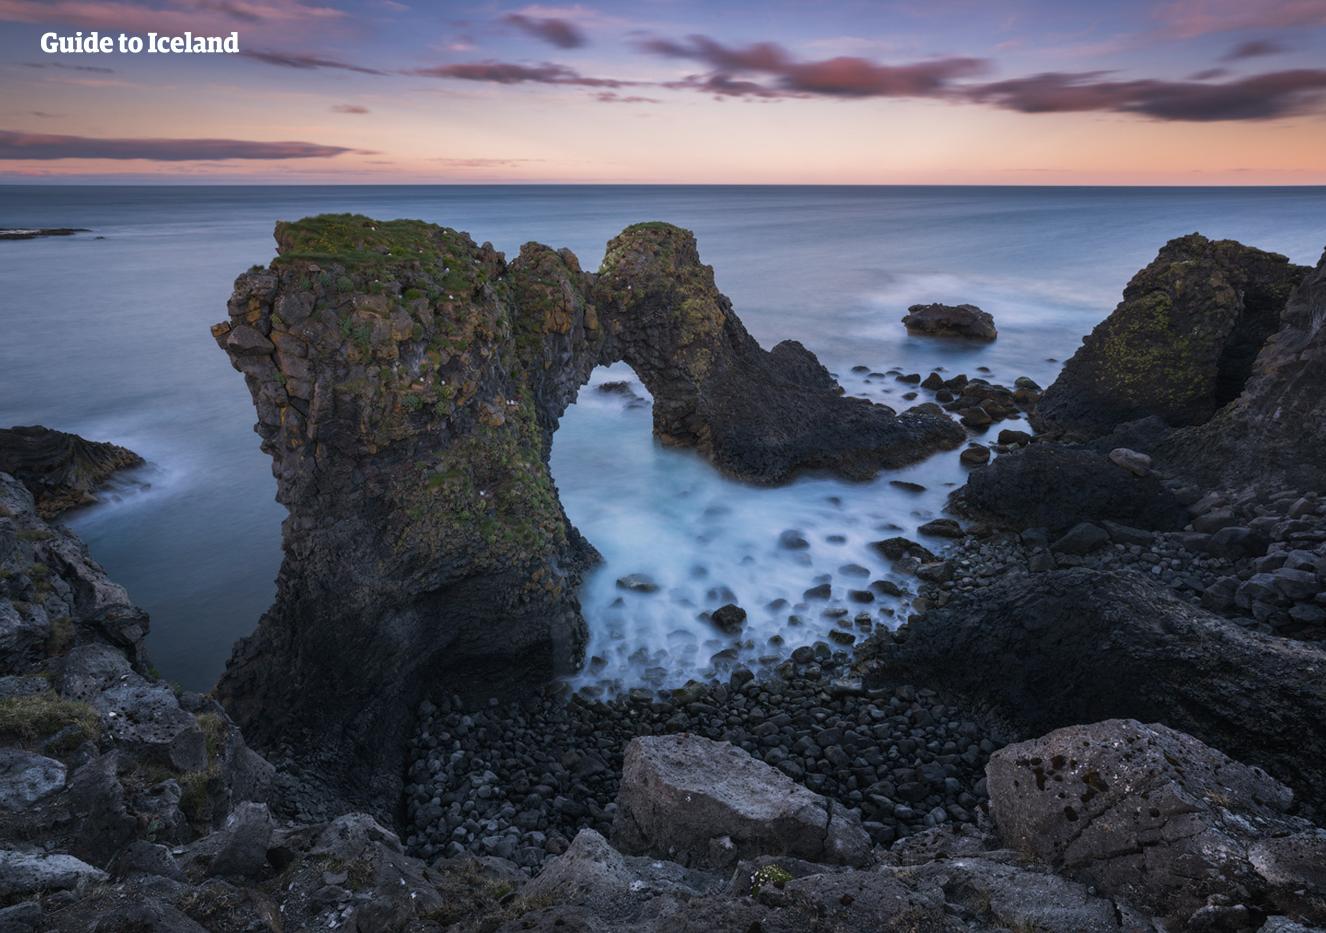 10-dniowe wakacje na Islandii z lotami z Reykjaviku do Akureyri, pełne wodospadów i gorących źródeł - day 5